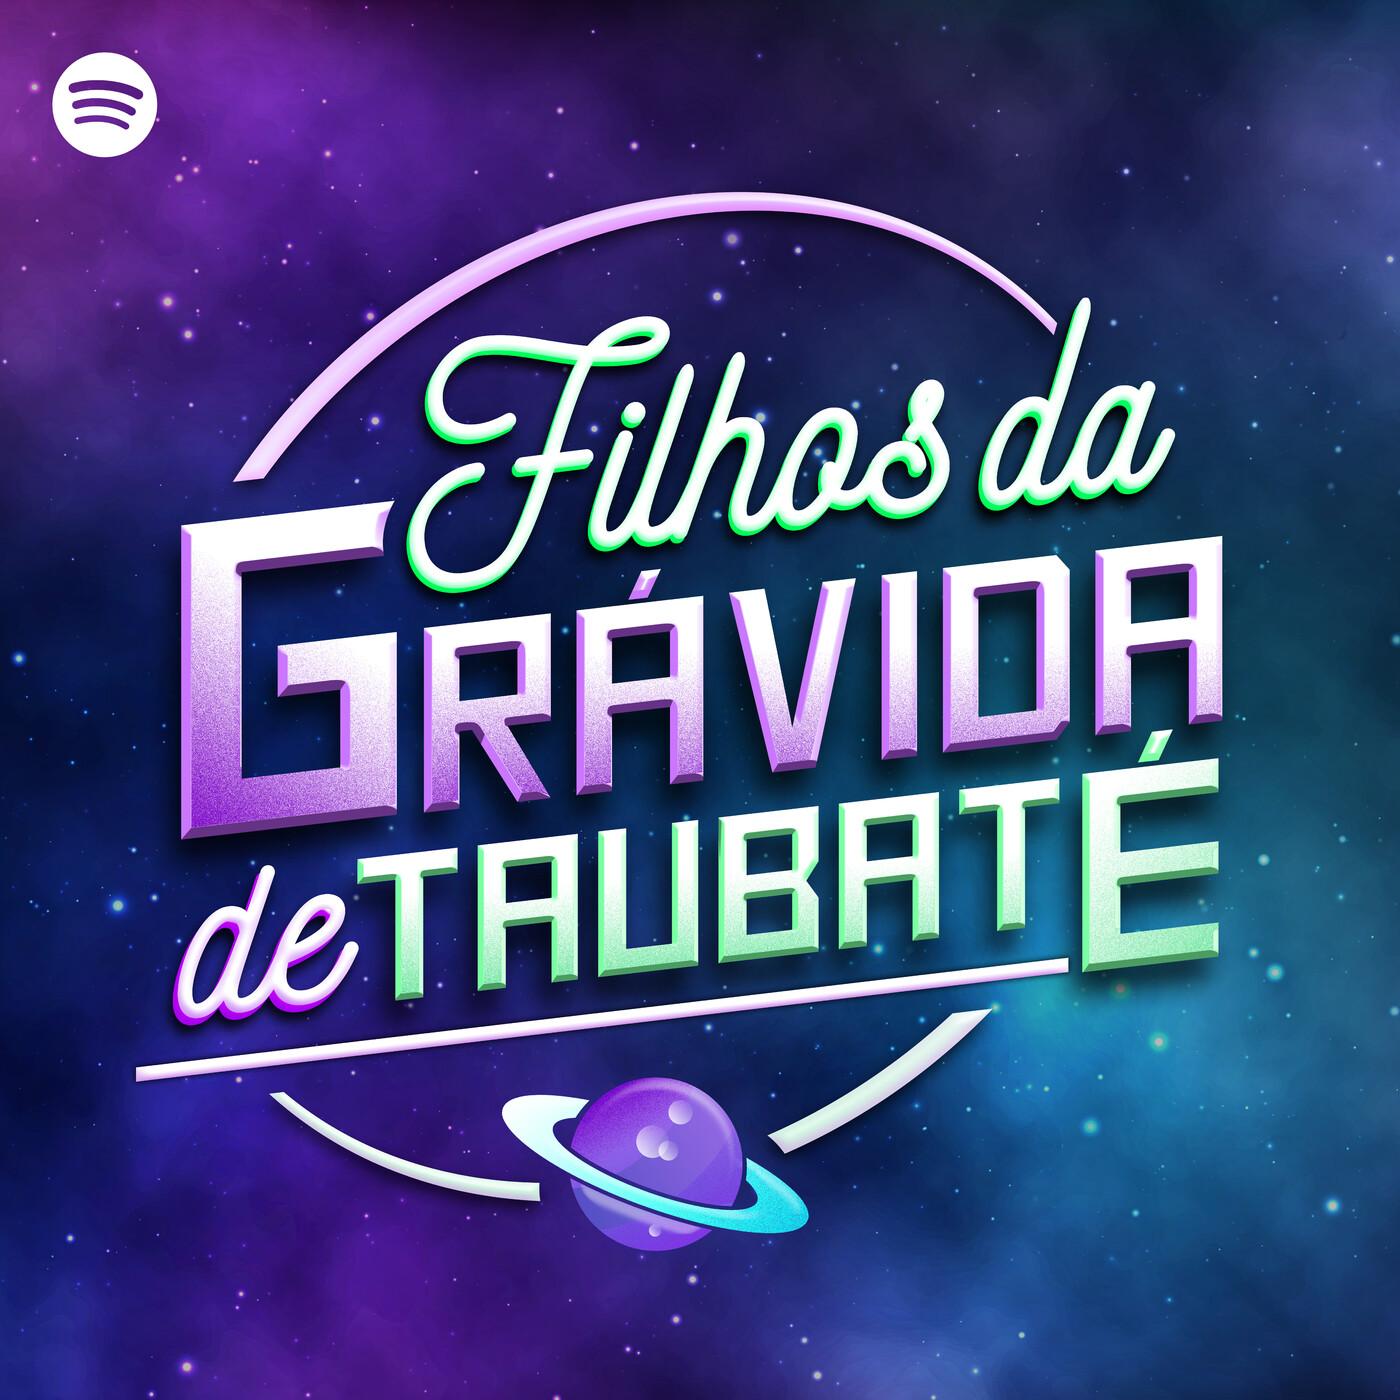 Ouça o Filhos da Grávida de Taubaté no Spotify!